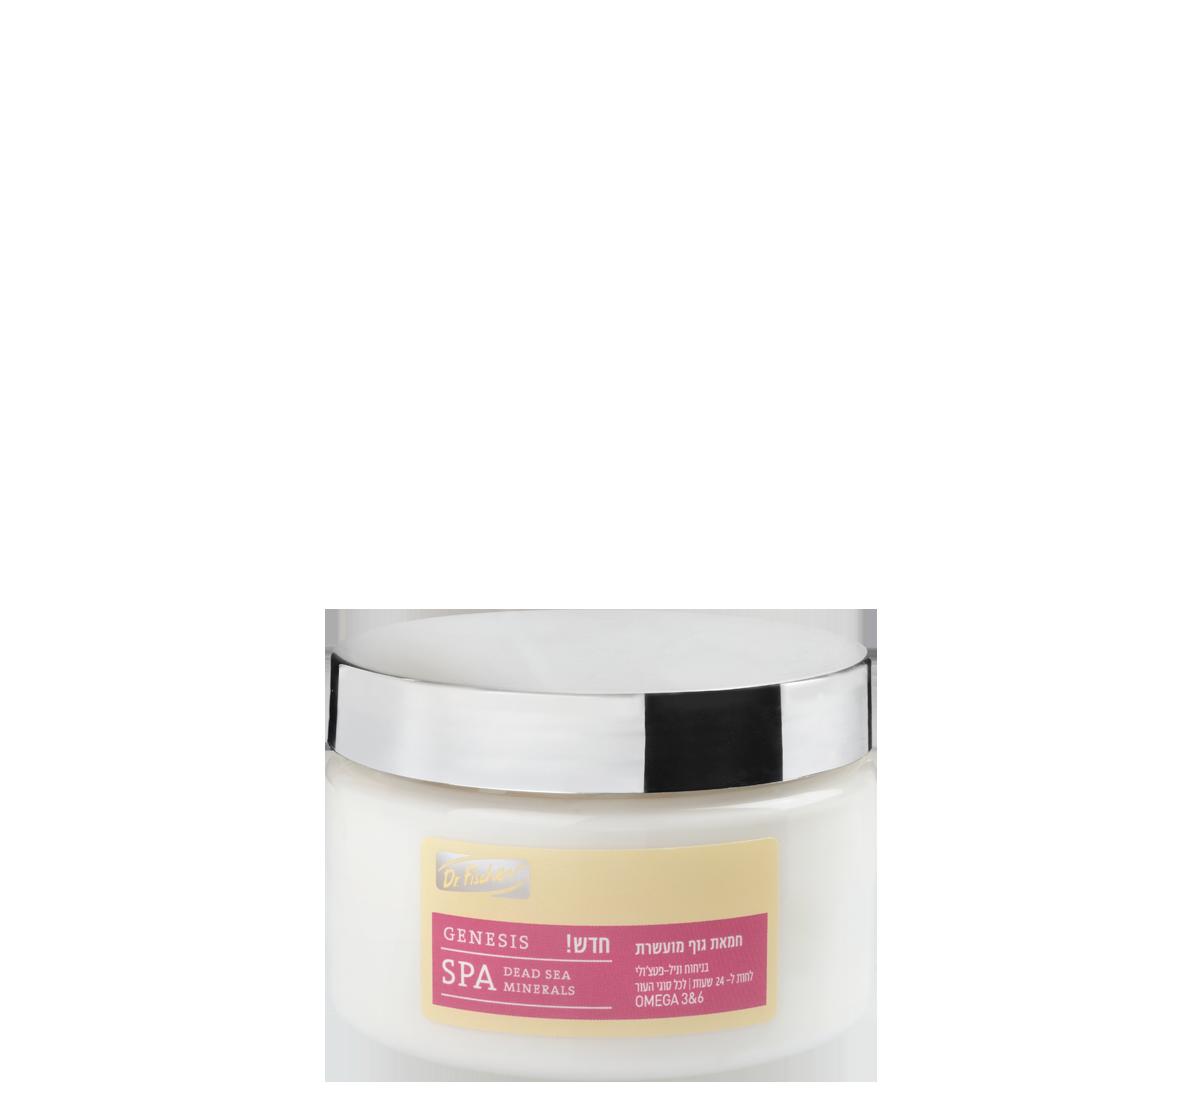 E_SPA_minerals_vanil_patchuli_body_butter_1184x1104